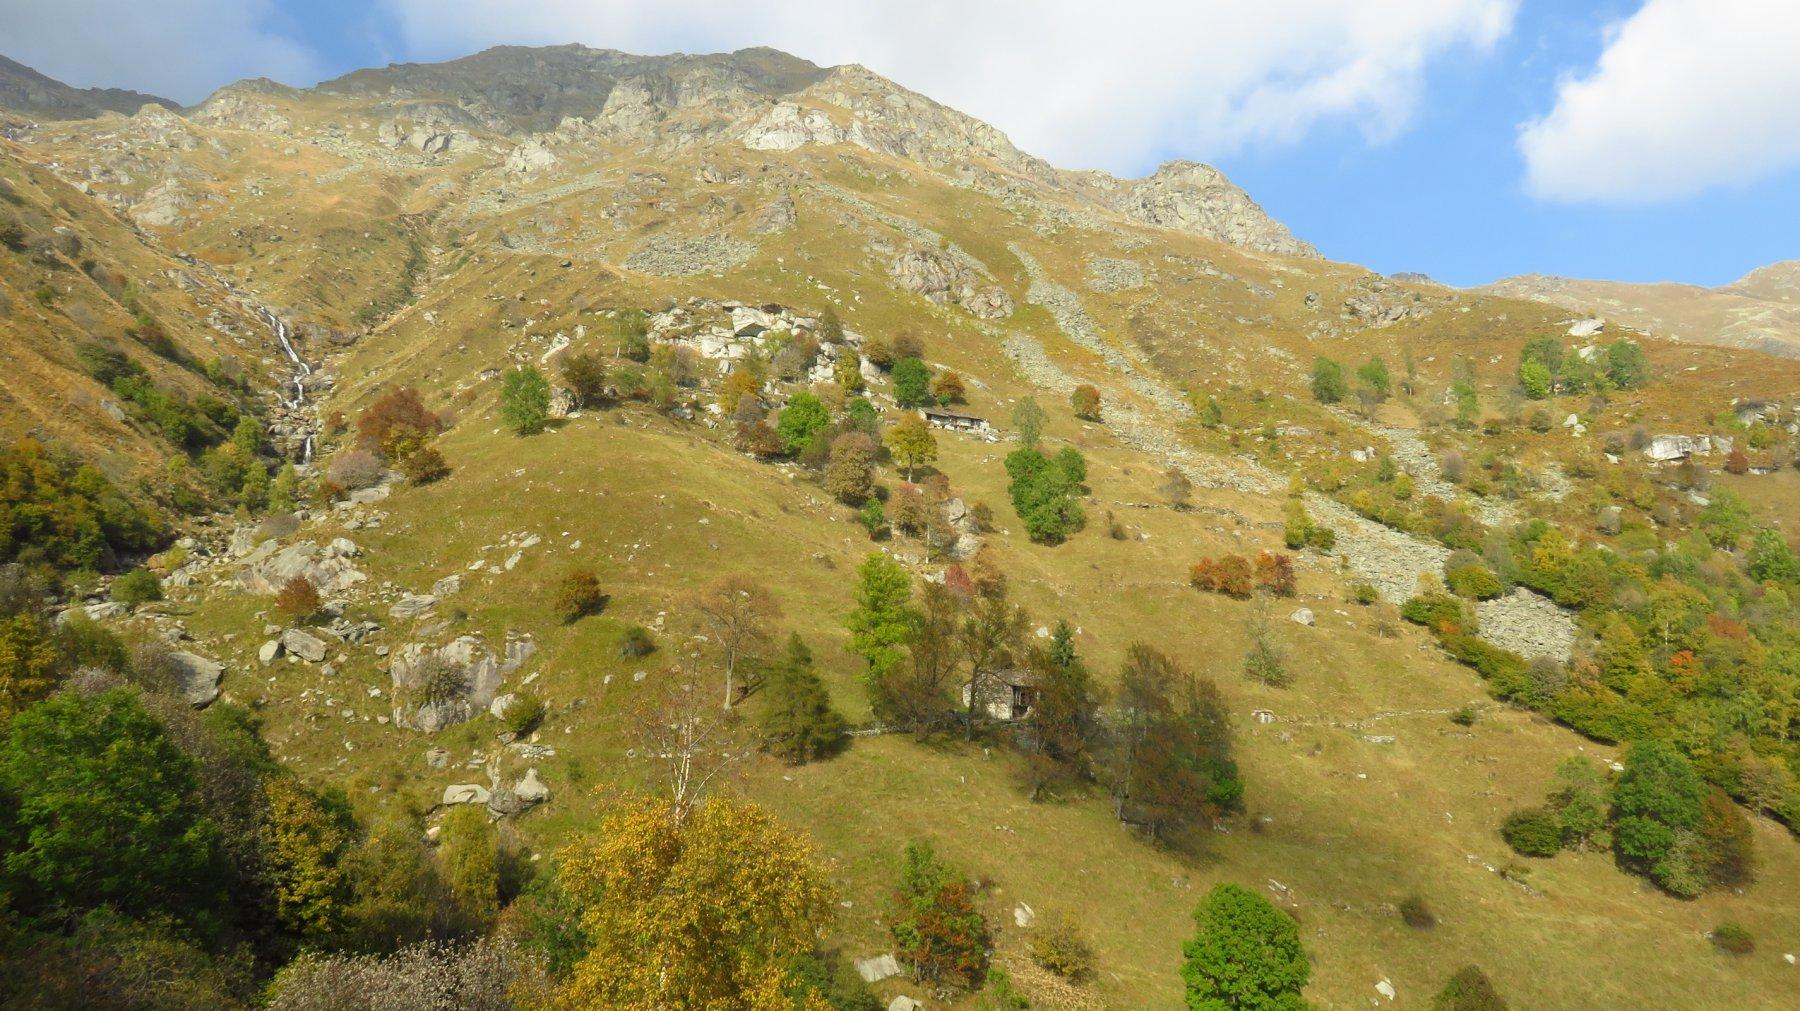 Vallone (Cima del) da Traversella per il Colle Pian Spergiurati 2016-10-20